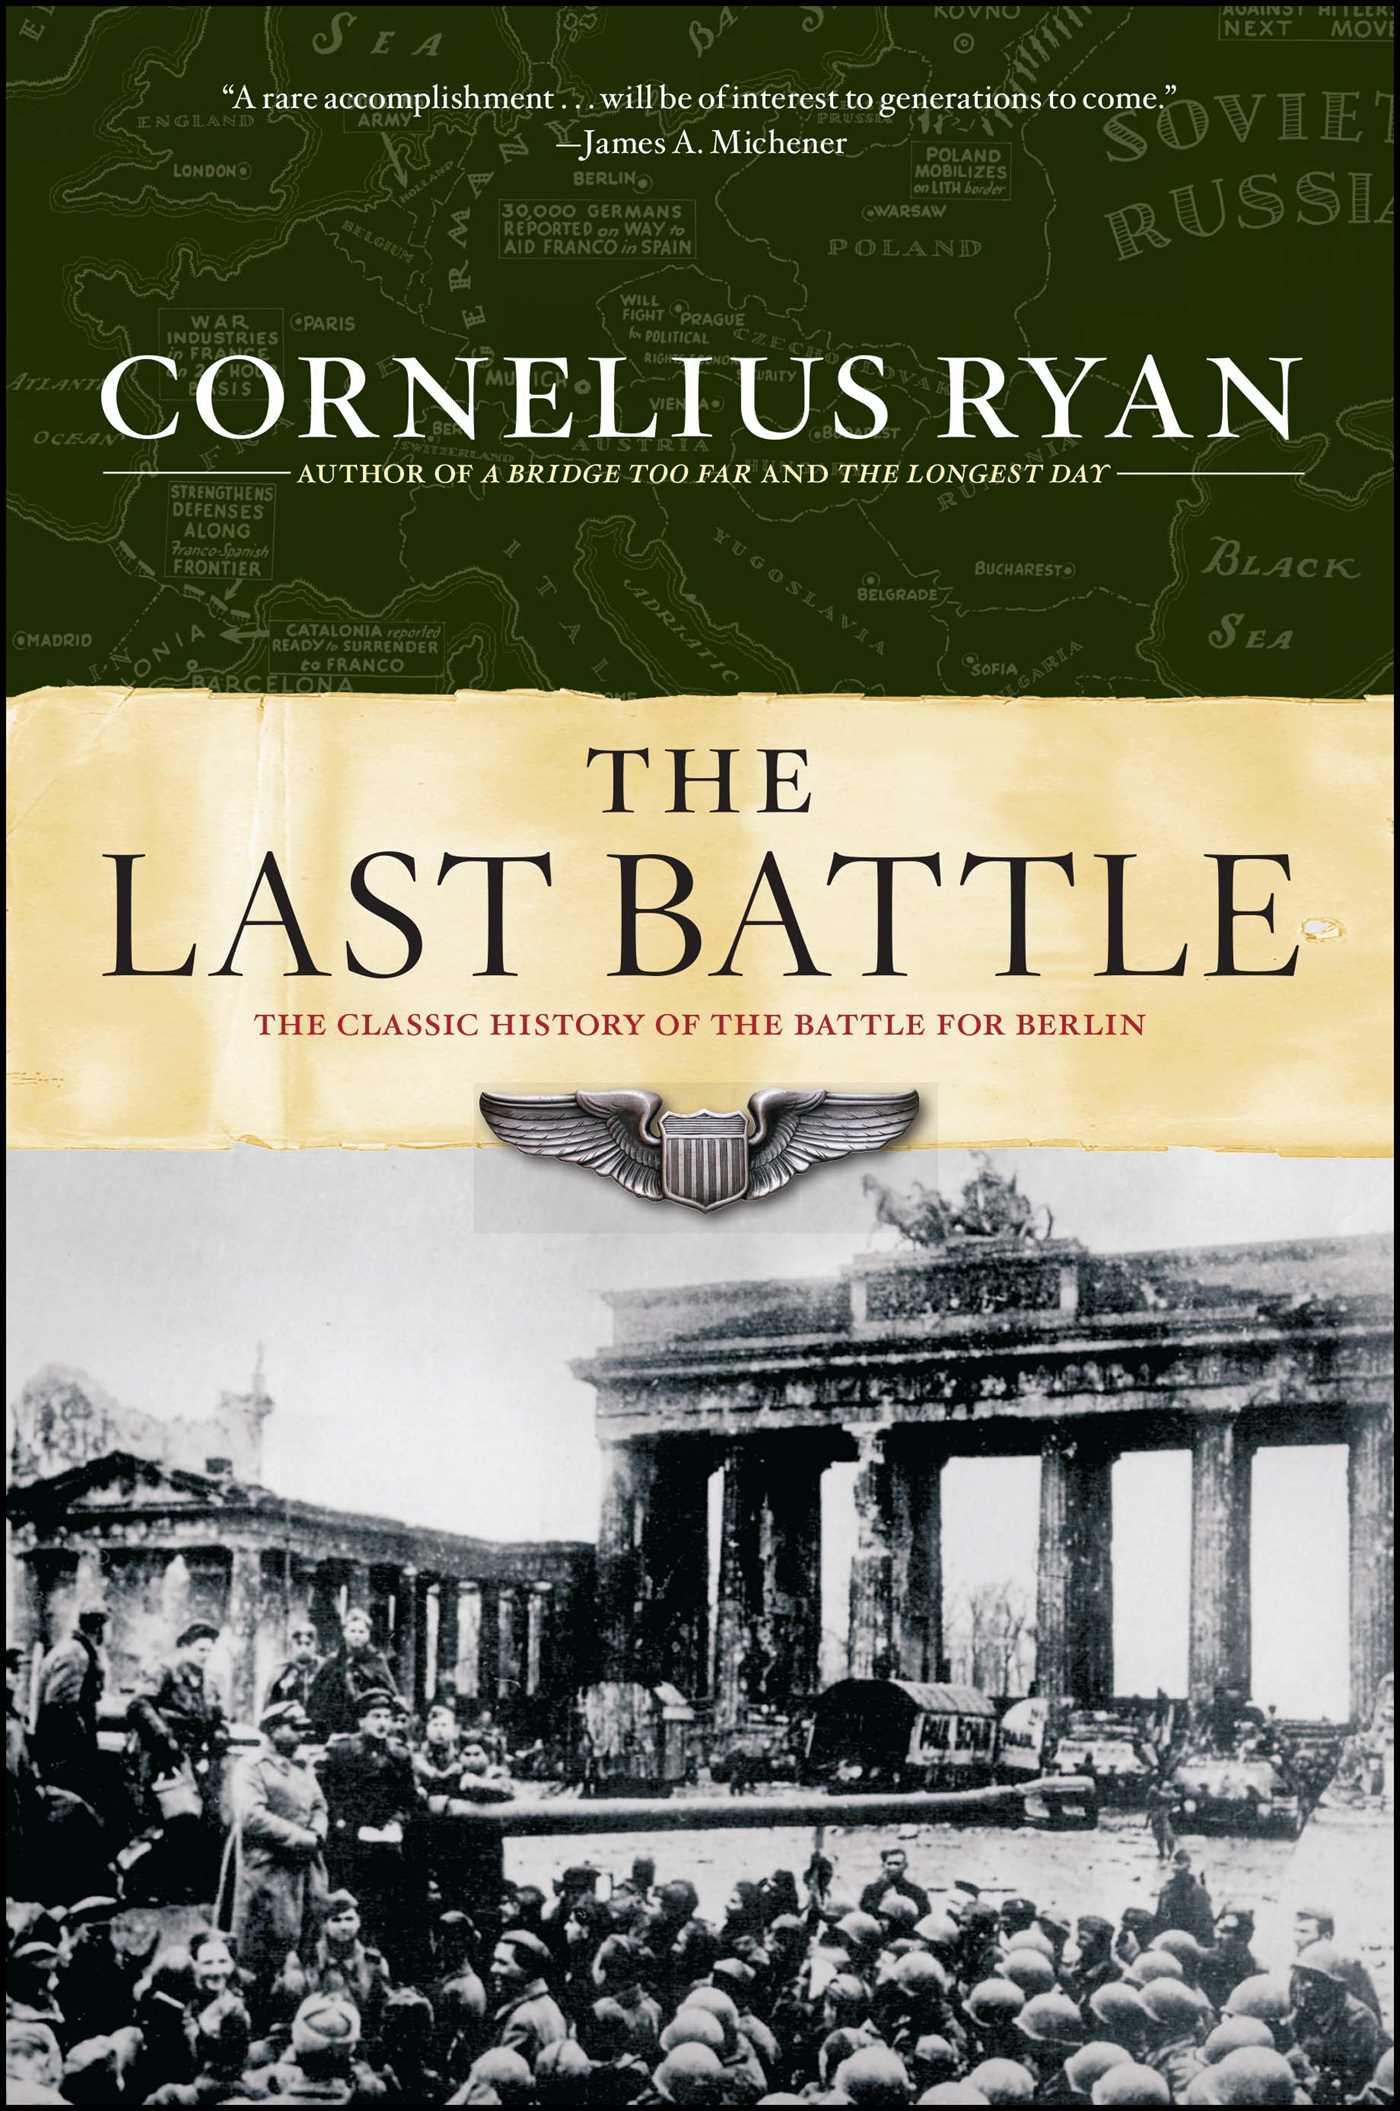 Last battle 9780684803296 hr